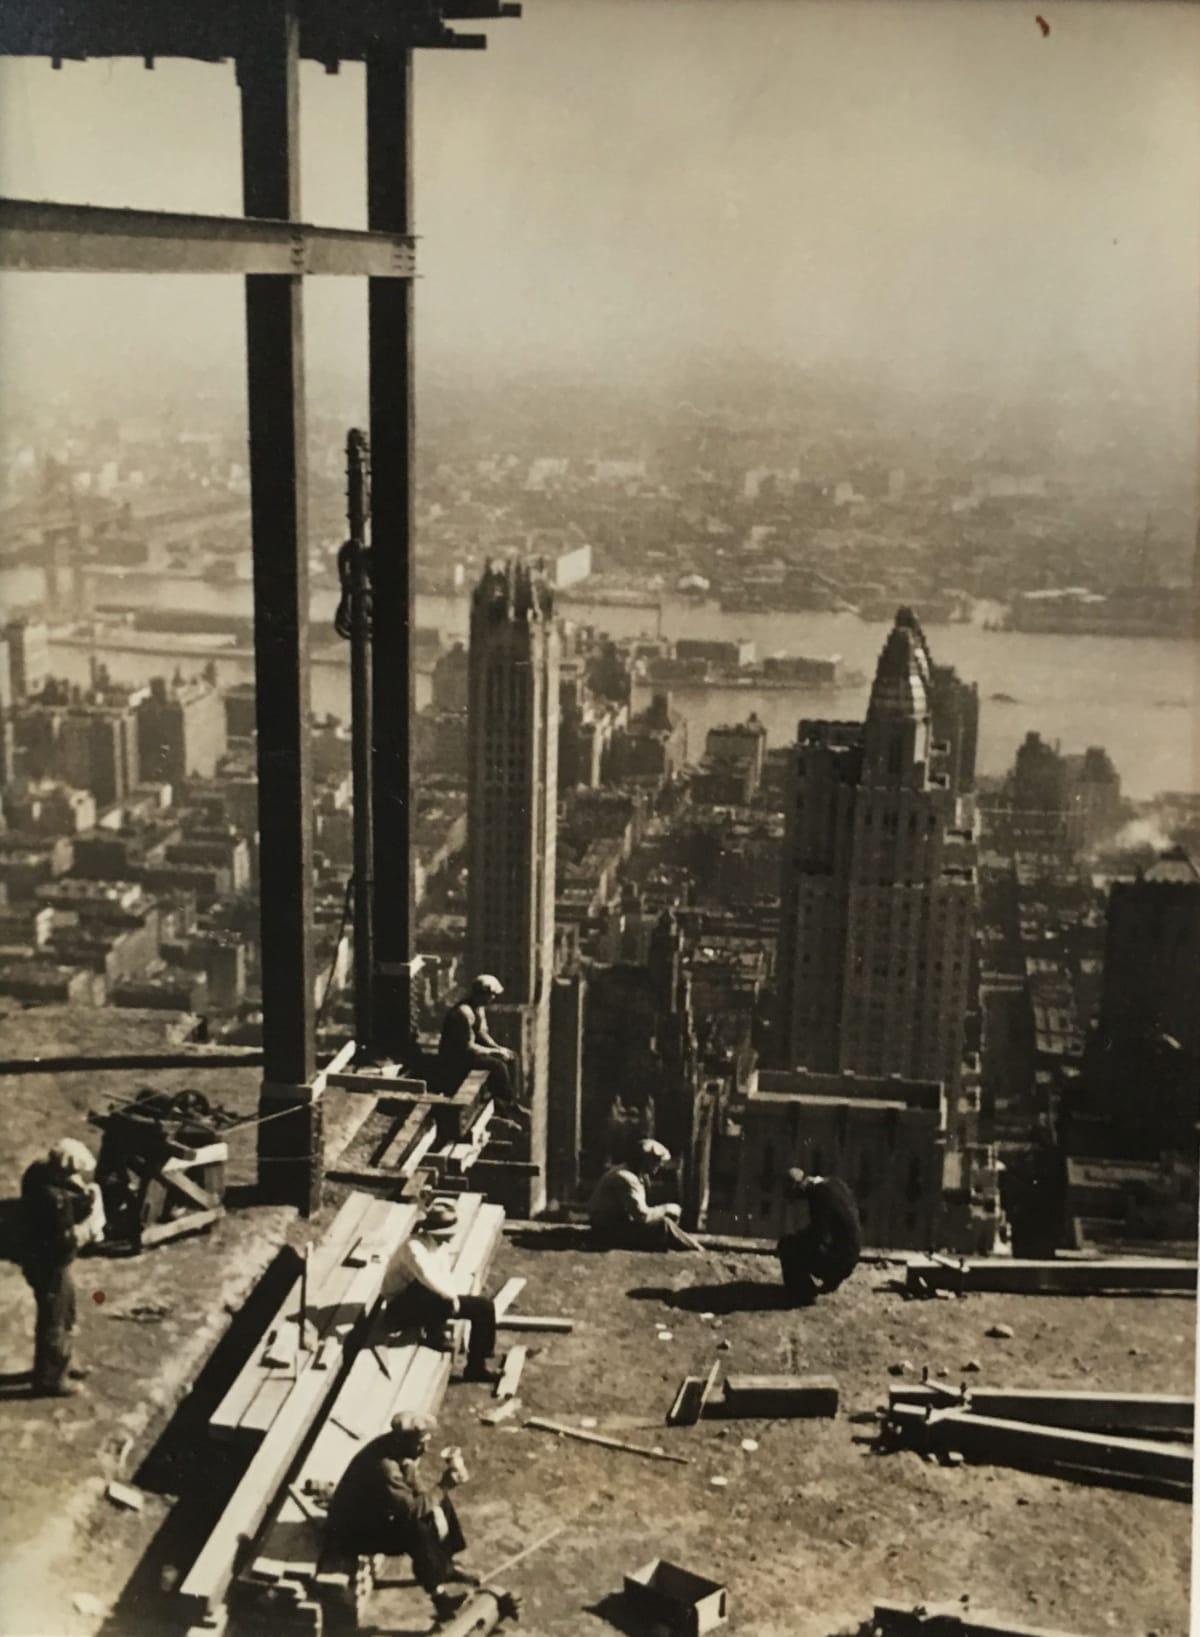 Fred Zinnemann Men on Skyscraper, 1931 Vintage gelatin silver print 4 1/16 x 2 15/16 inches